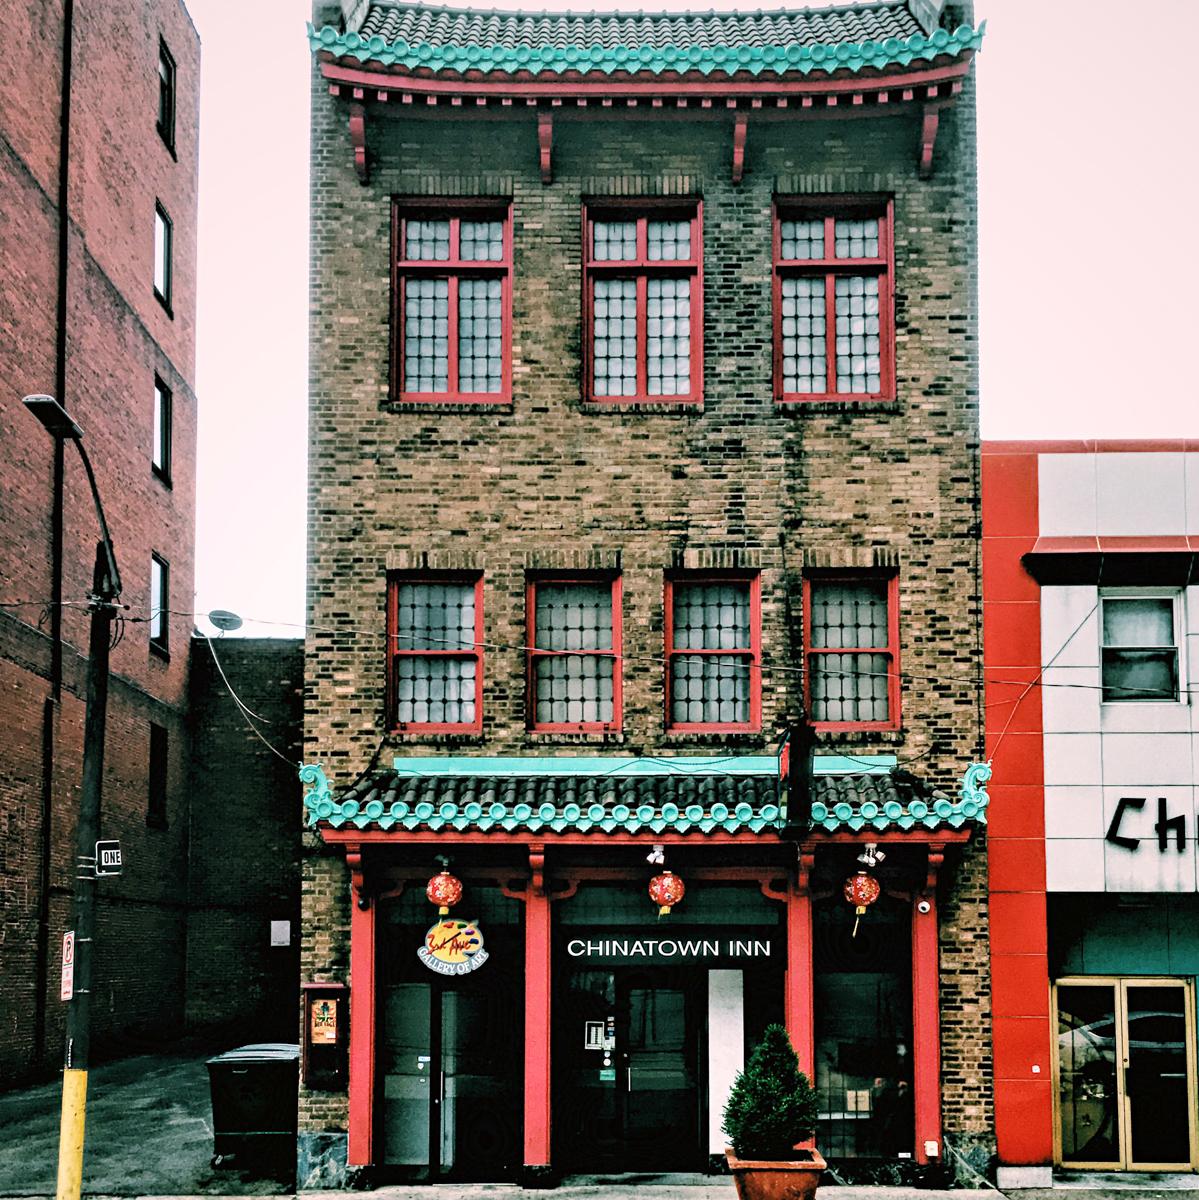 Chinatown Inn  © Brian Cohen/TDW 2017